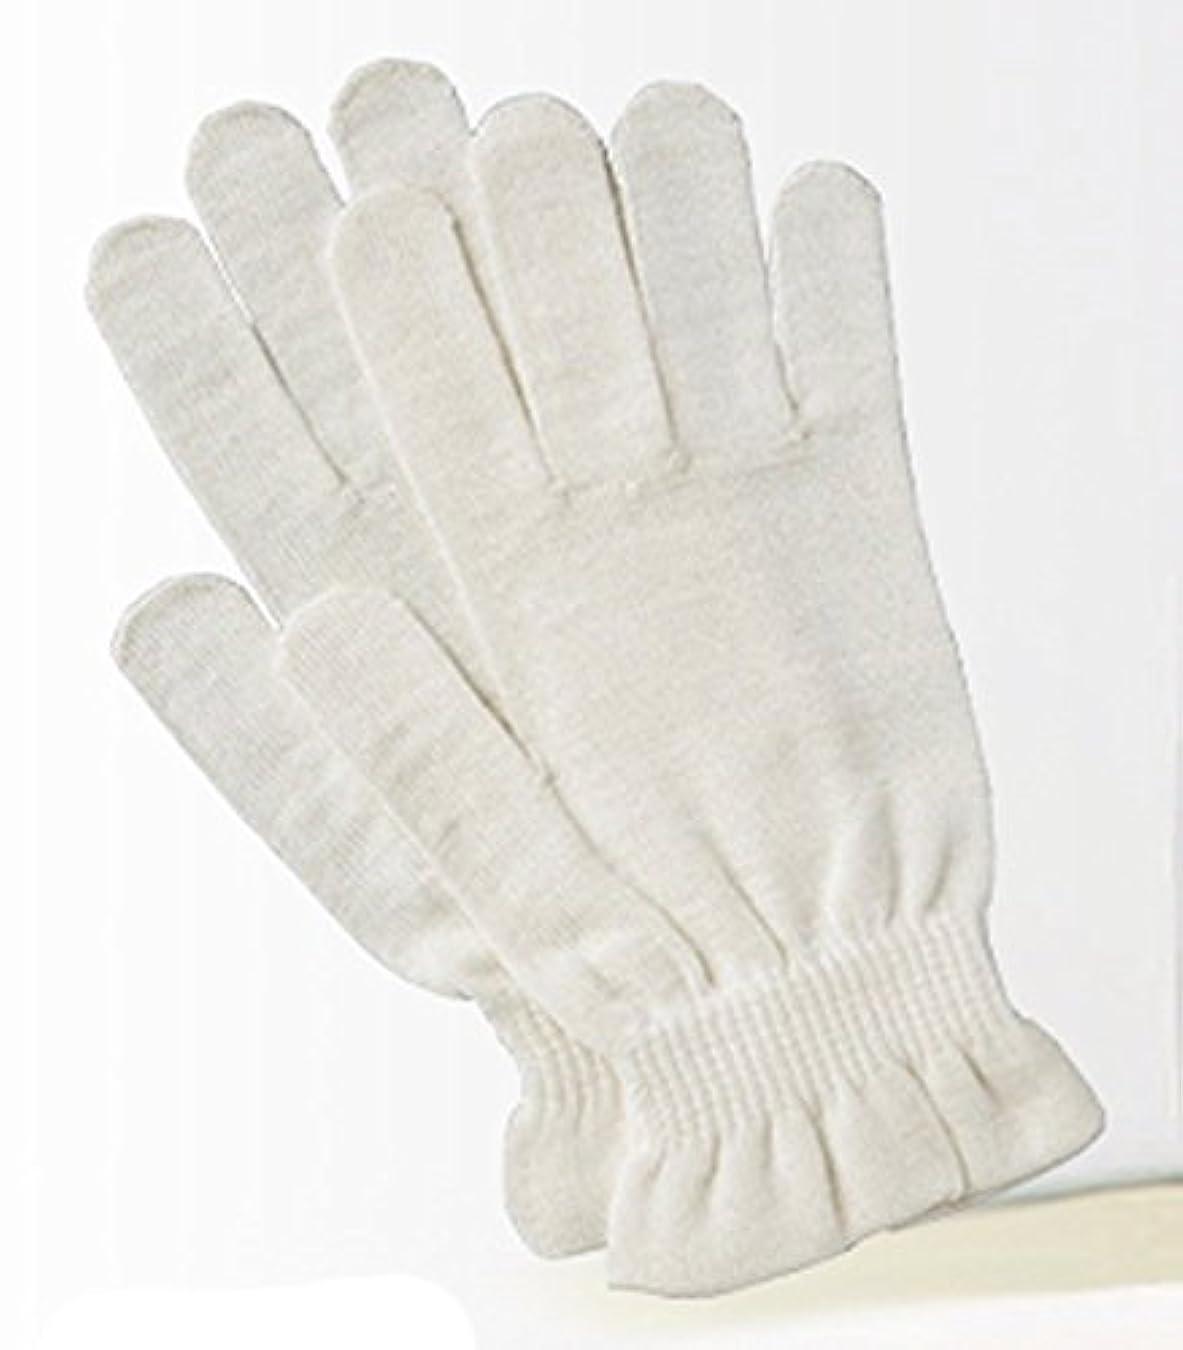 ミネラルいつかヘア京都西陣の絹糸屋さんのシルク手袋